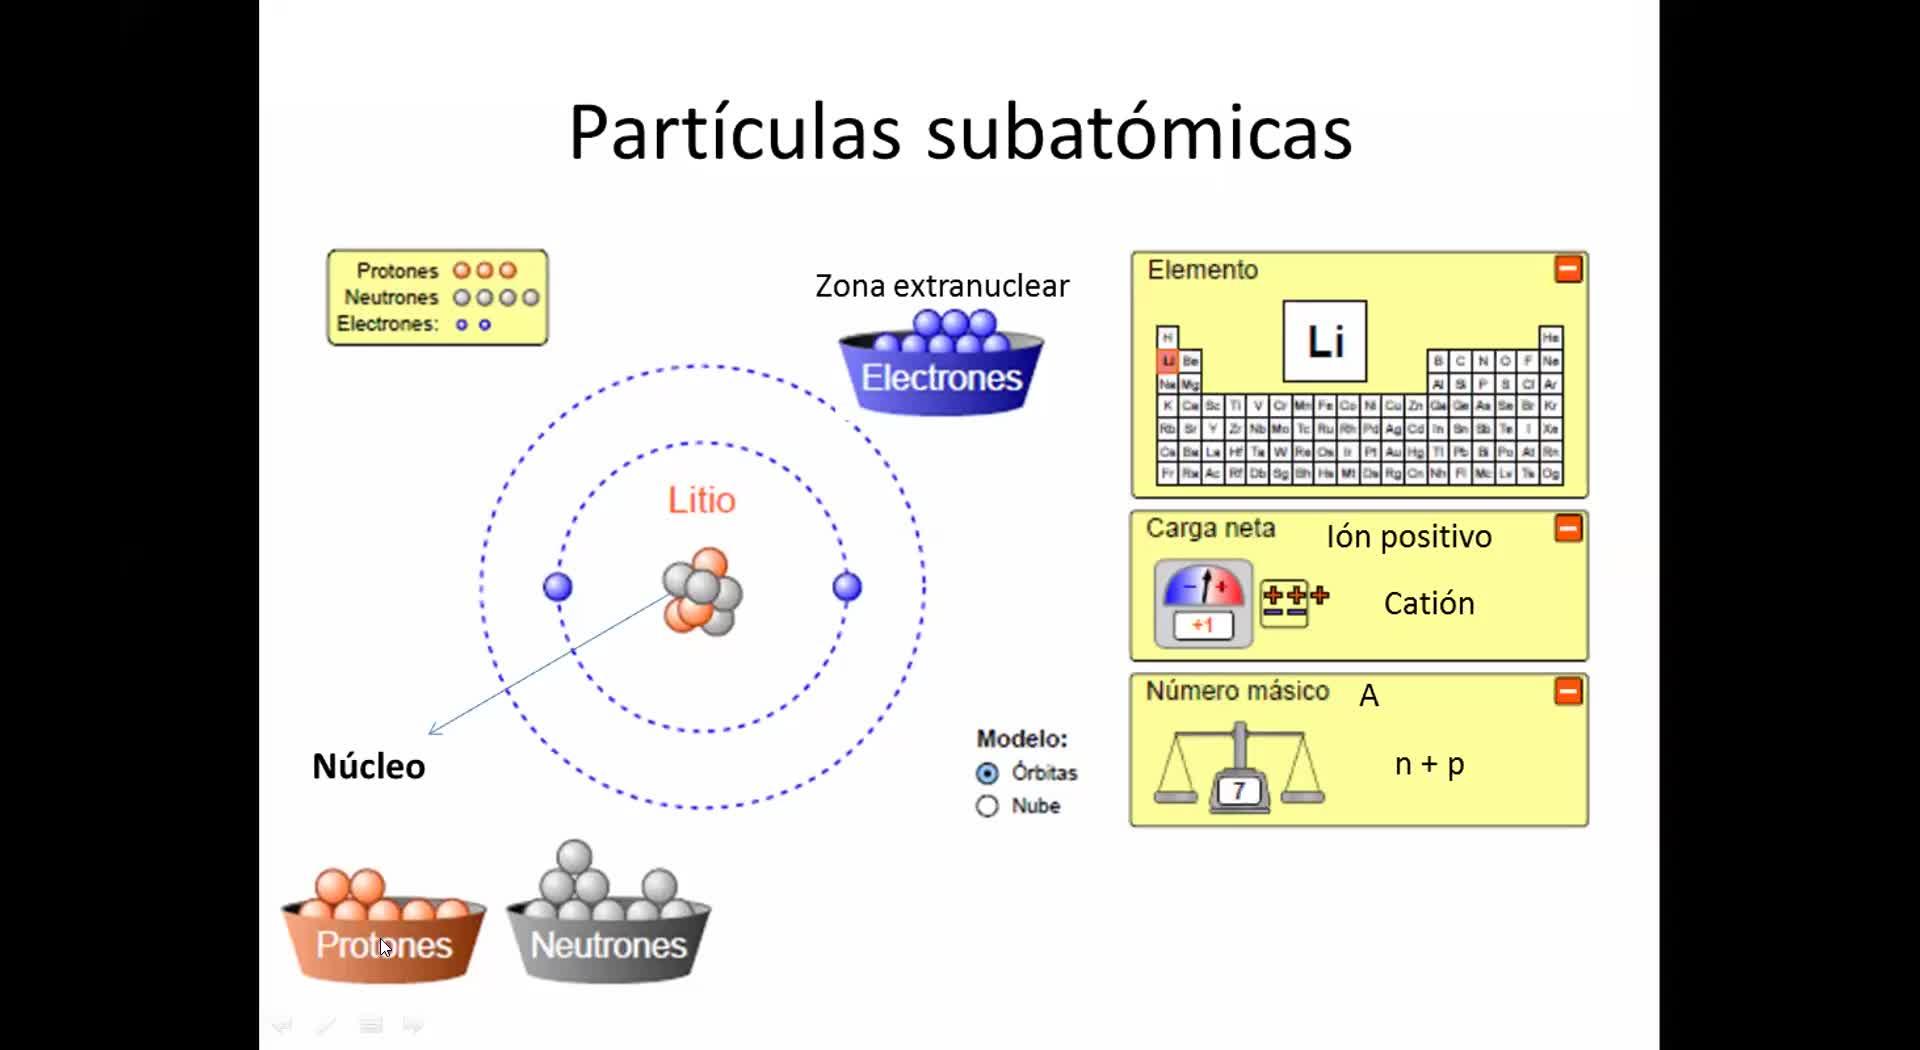 Unidad 2 - partículas sub atómicas - isótopos